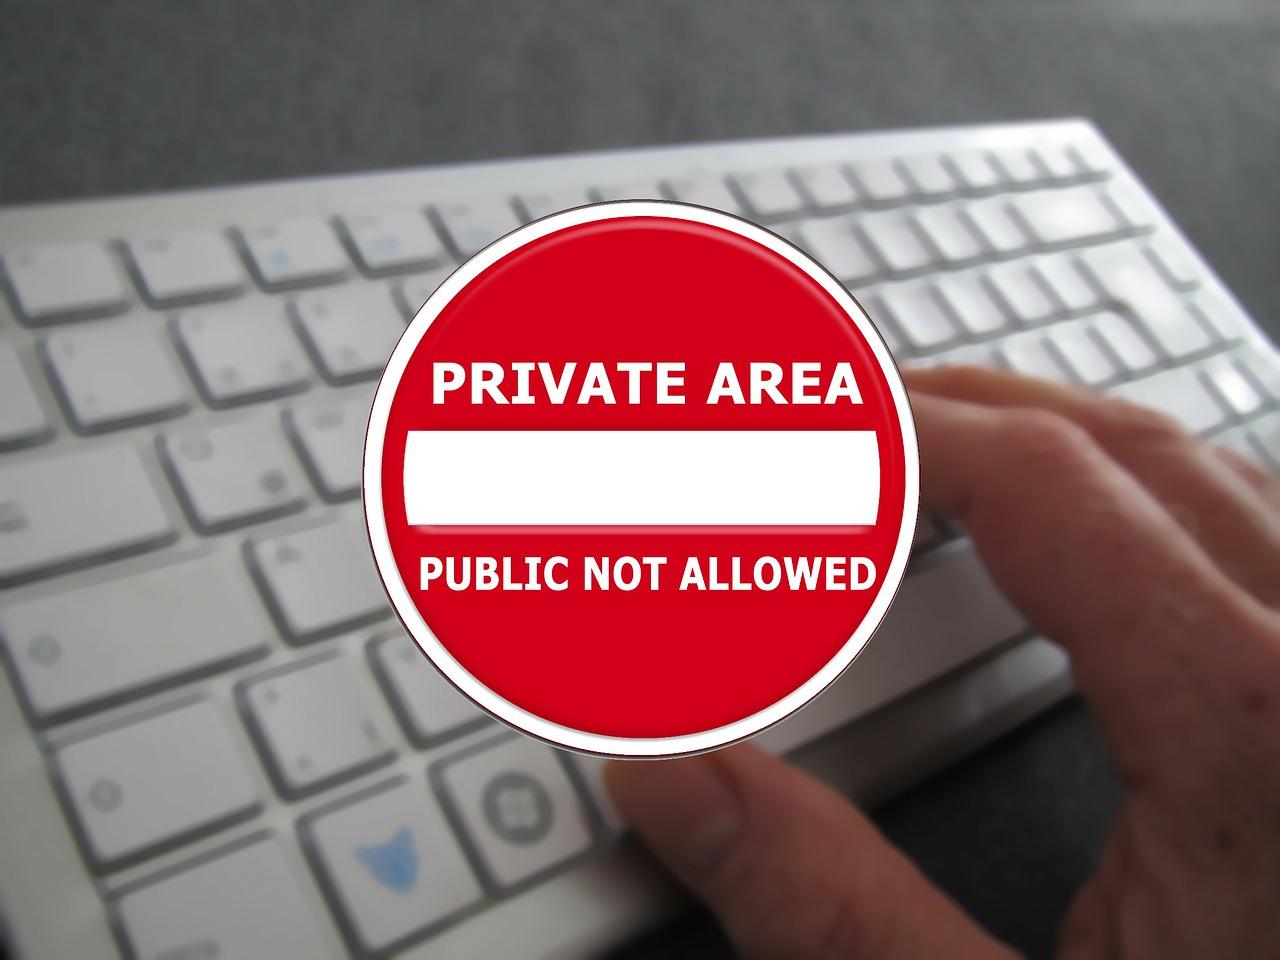 """Ley de """"Murphy"""" y privacidad online - Eurovima Consulting S.L."""